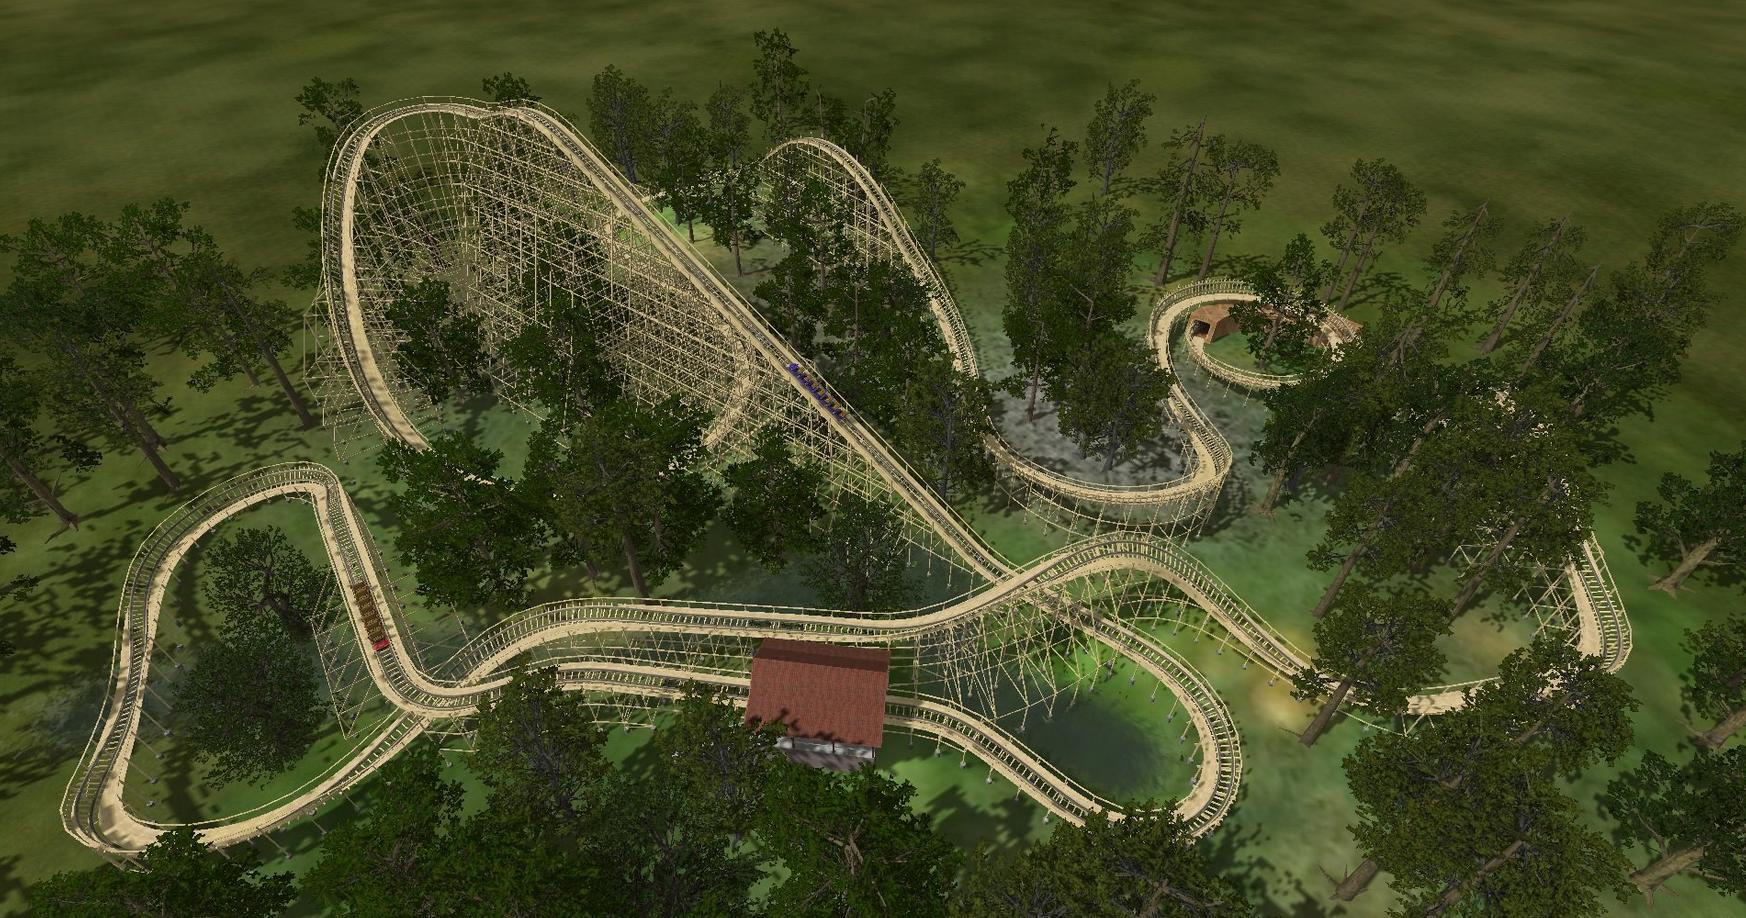 NoLimits Wooden Coaster Design